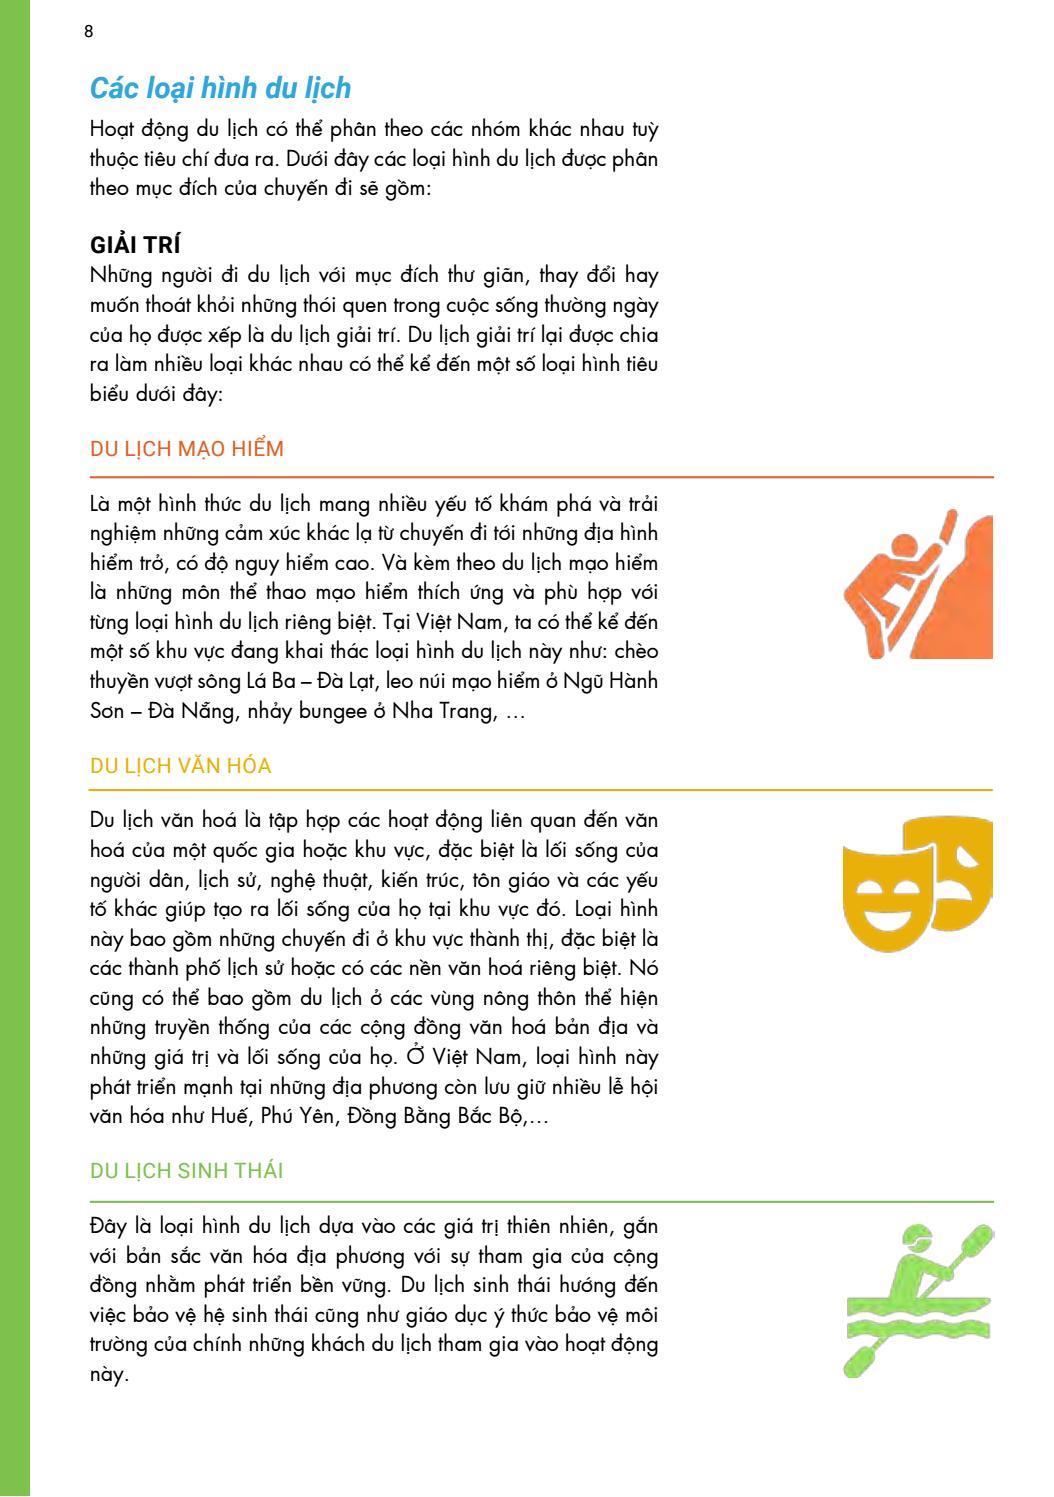 [Tài liệu LSST] Du lịch có trách nhiệm page 8